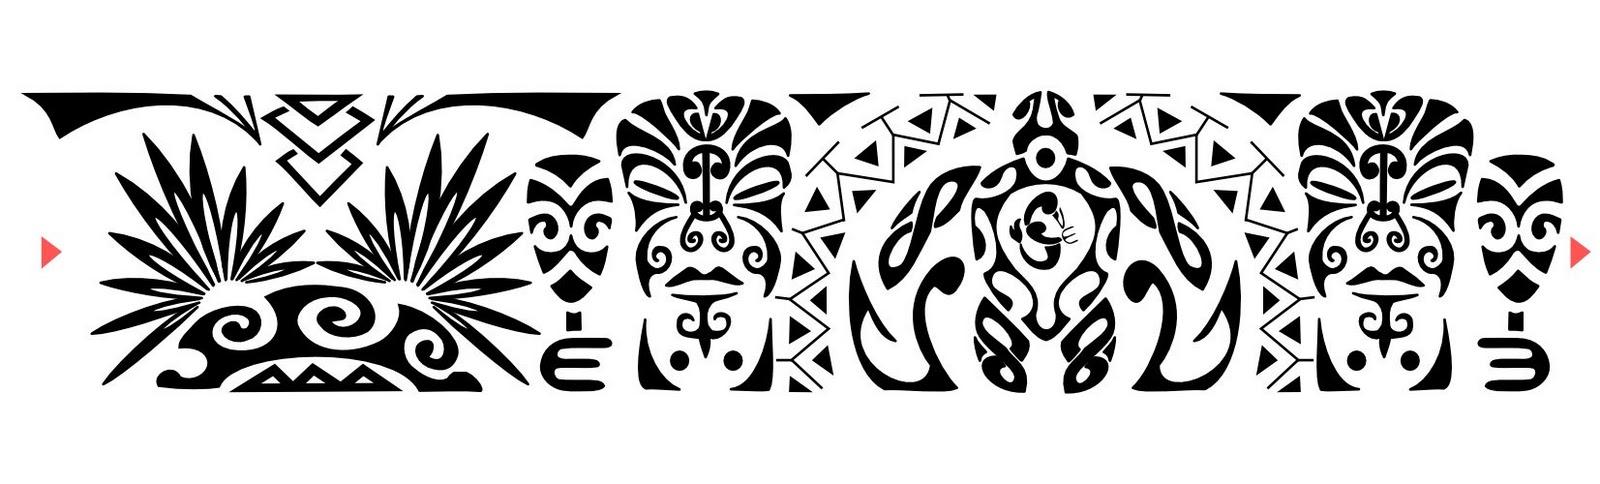 Fabuleux Blu Sky Tattoo Studio: Maori Significato 144 OU66